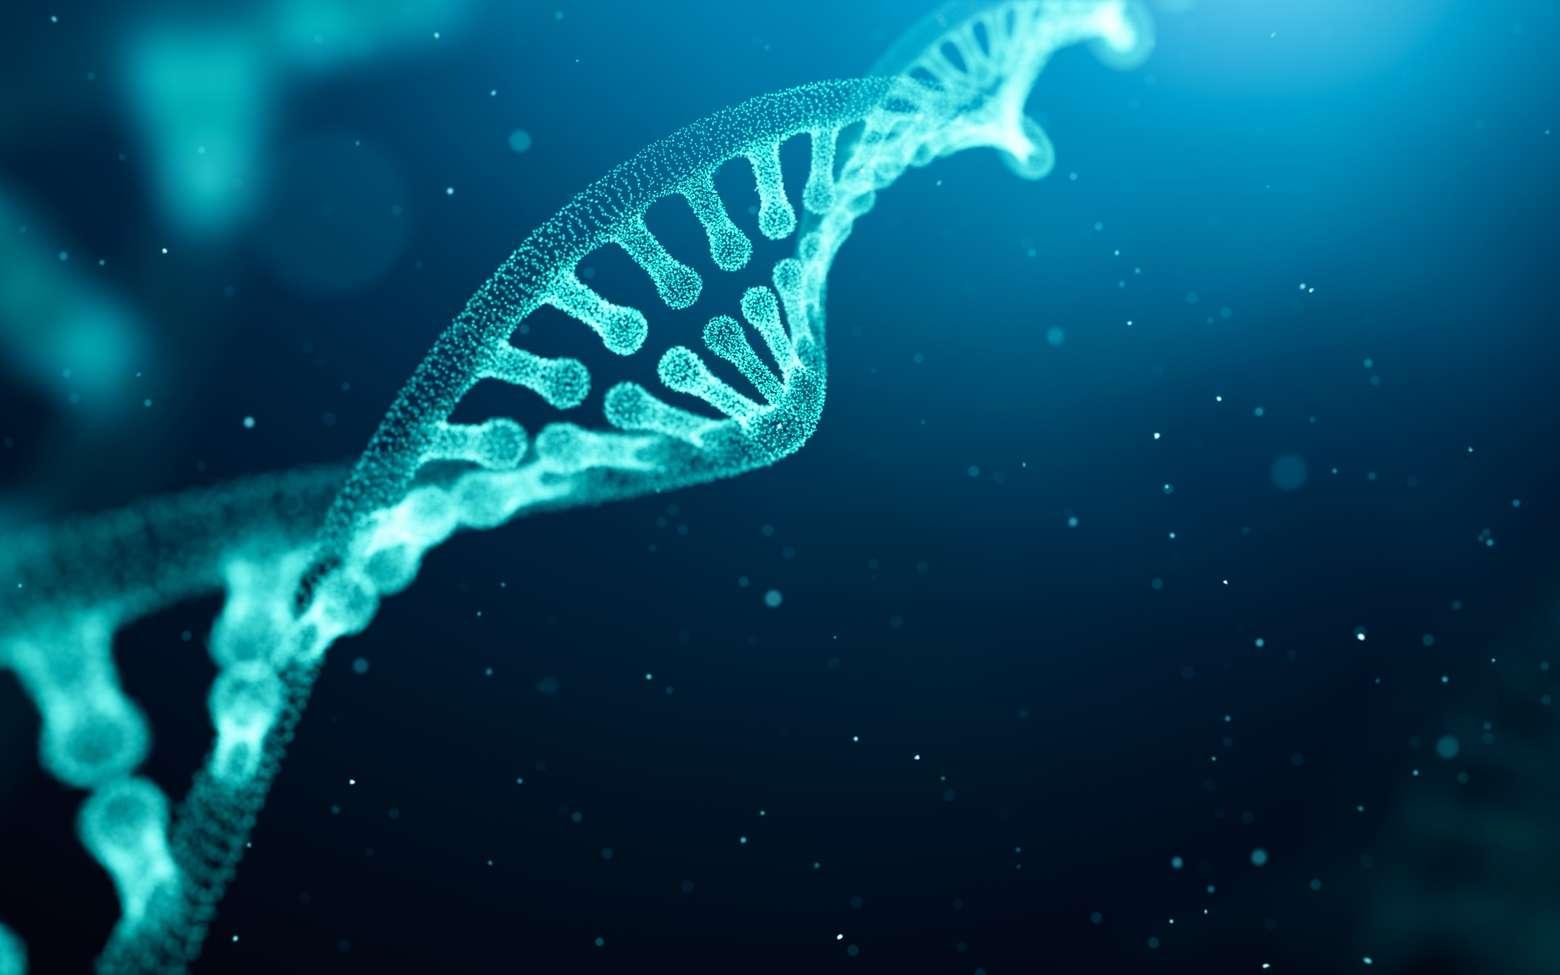 Les Pandoravirus semblent capables de générer de nouveaux gènes. © phive2015, Fotolia